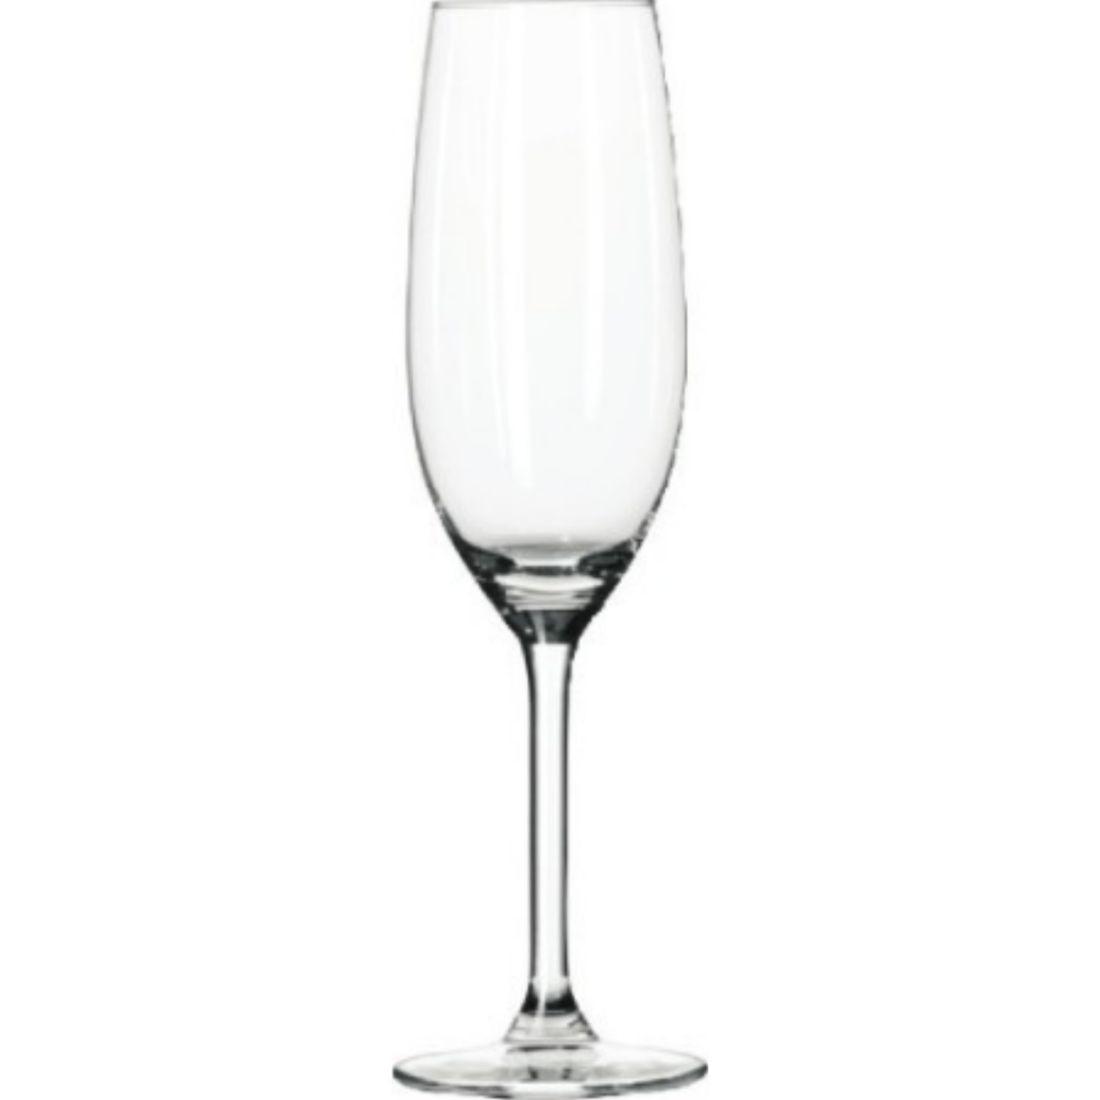 Libbey, Sklenice na šampaňské L'esprit du vin 210ml